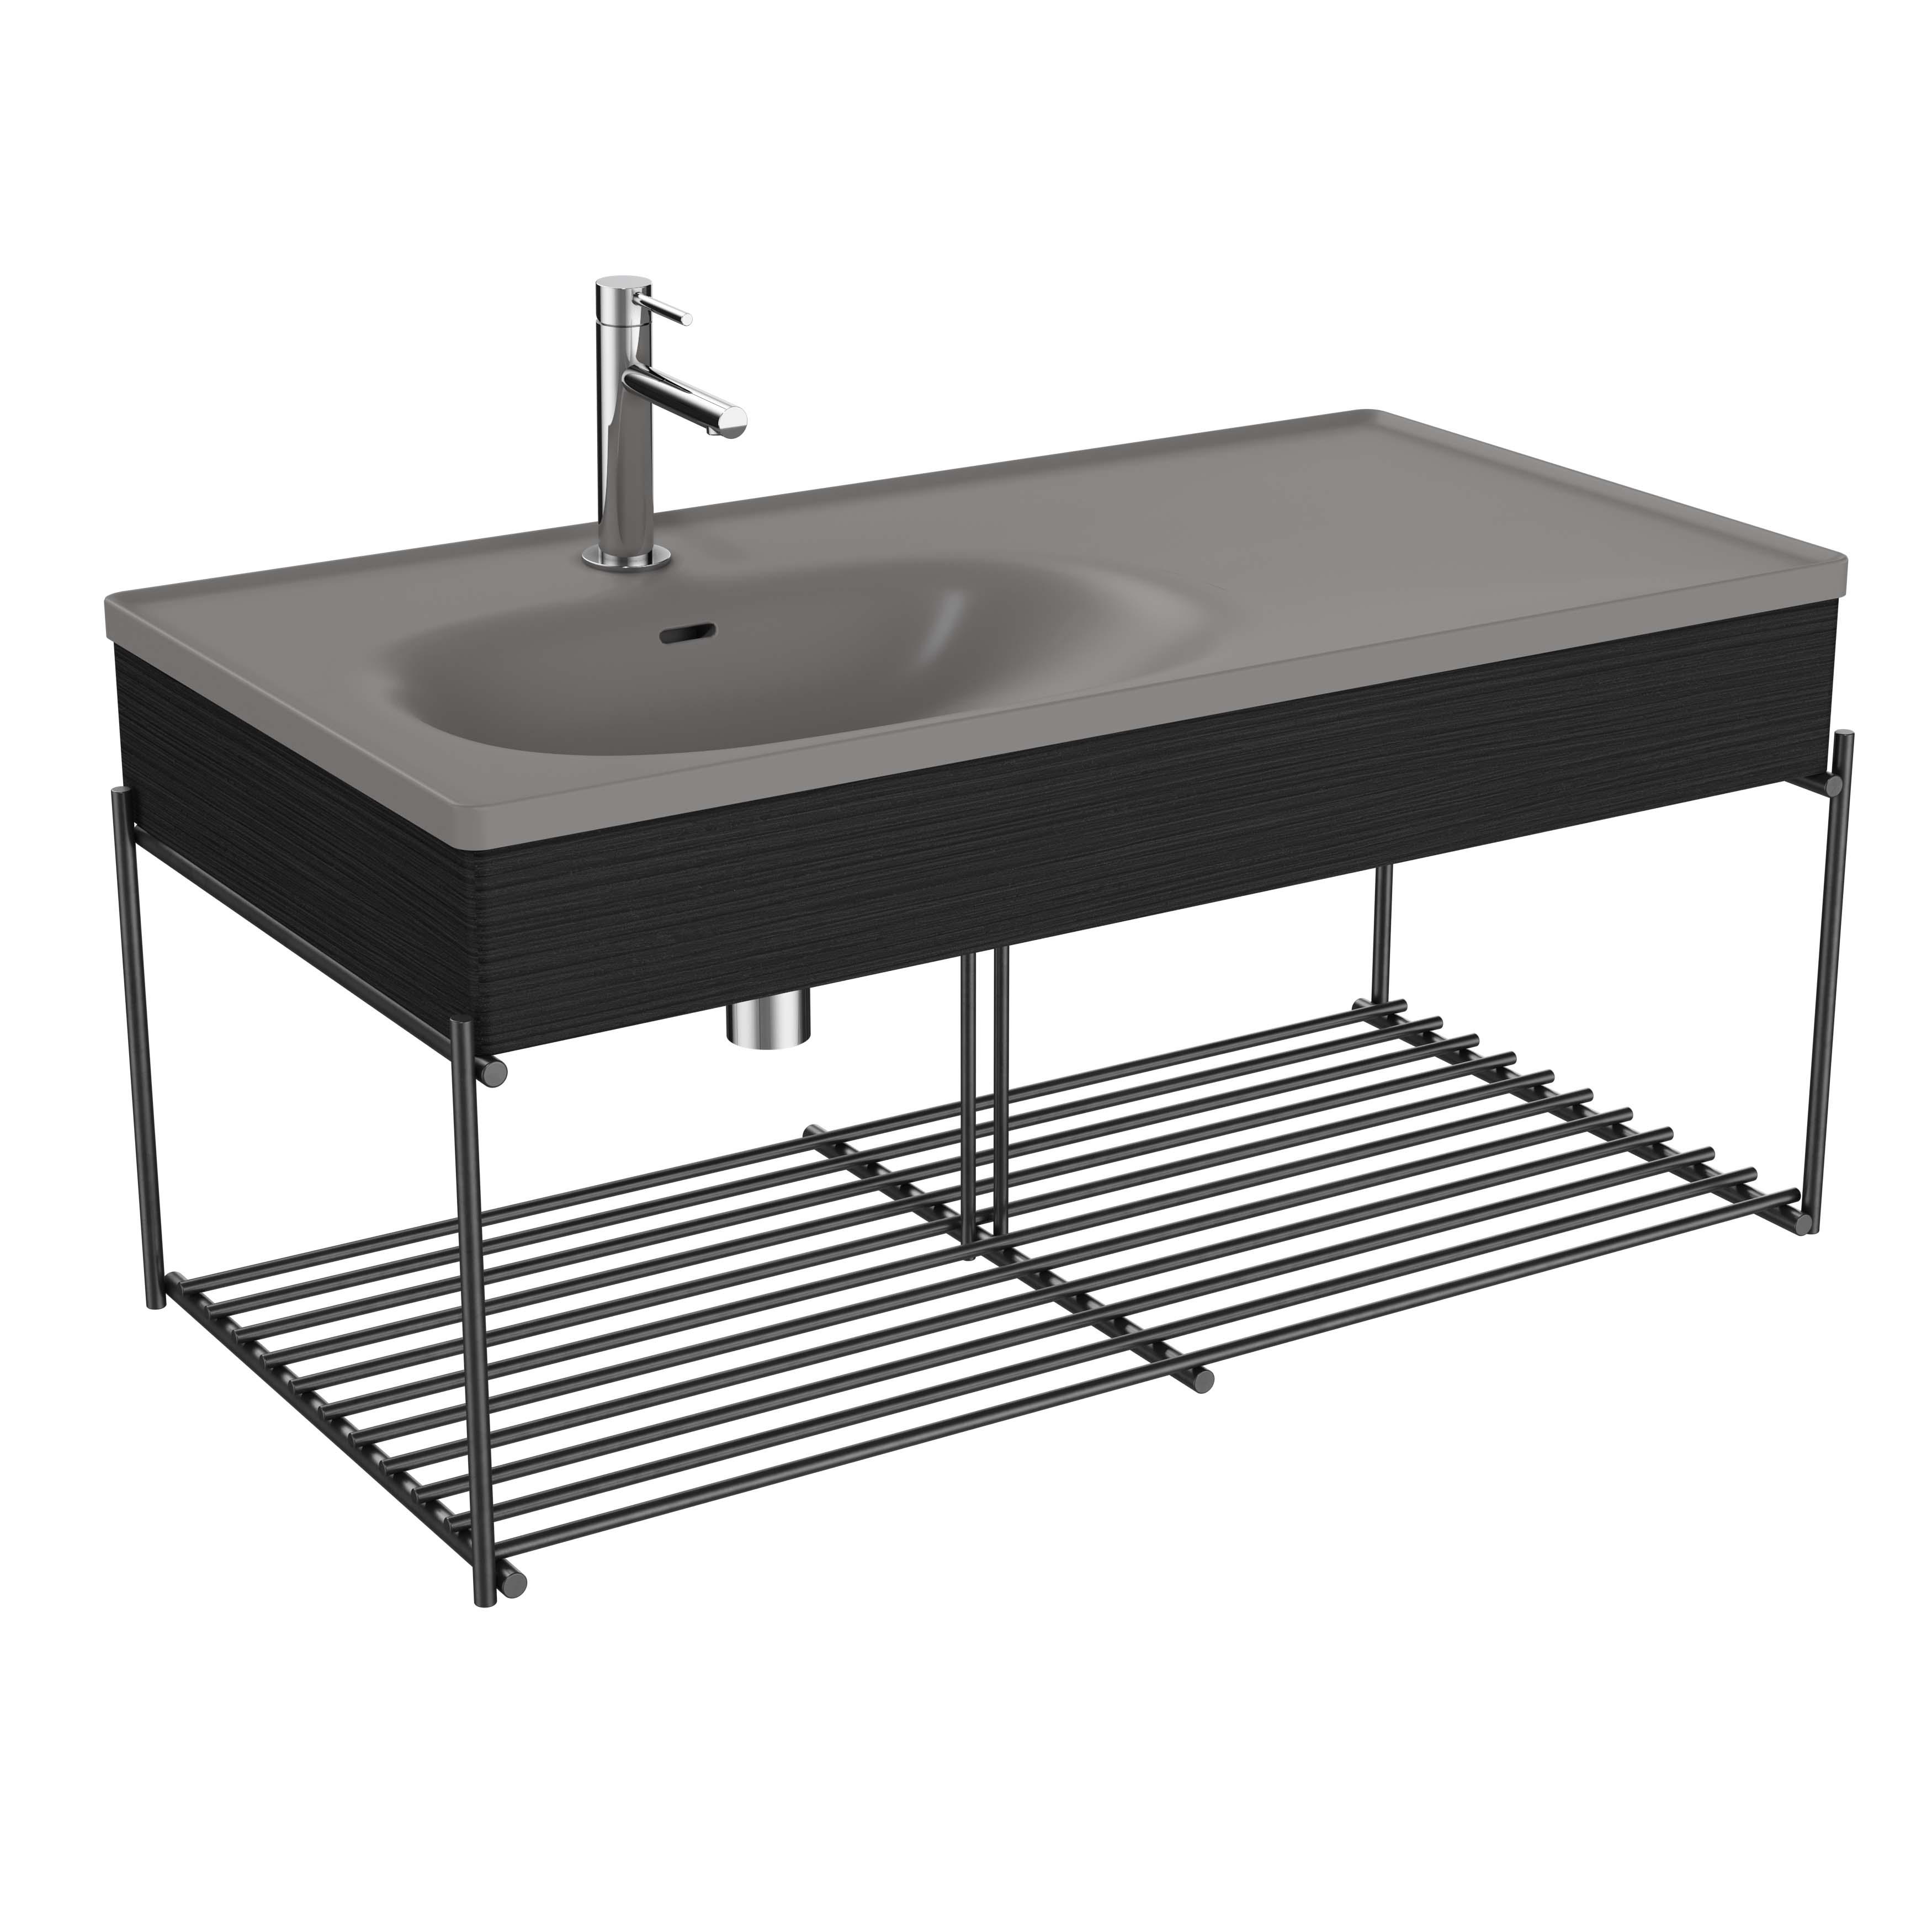 Equal plan céramique, asymétrique, panneau en bois, étagère, 100 cm, gris pierre mat / chêne noir structure